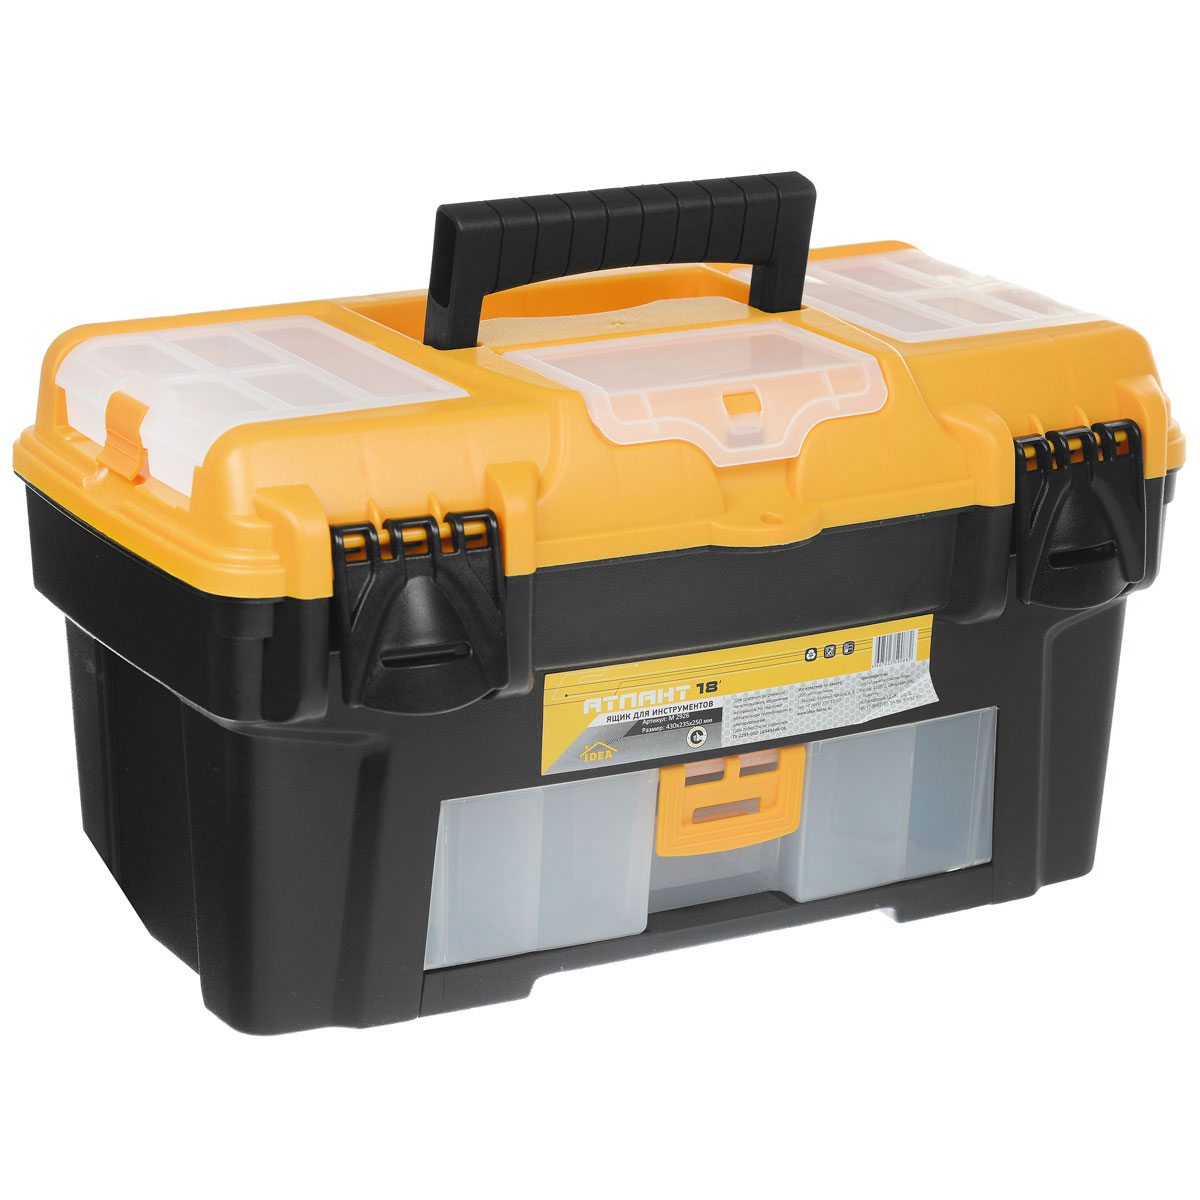 Ящик для инструментов Idea Атлант 18, со съемным органайзером, 43 х 23,5 х 25 см0207130101Ящик Idea Атлант 18 изготовлен из прочного пластика и предназначен для хранения и переноски инструментов. Вместительный, внутри имеет большое главное отделение. В комплект входит съемный лоток с ручкой для инструментов.На лицевой стороне ящика находится органайзер. Крышка оснащена двумя съемными органайзерами и отделением для хранения бит. Ящик закрывается при помощи крепких защелок, которые не допускают случайного открывания.Для более комфортного переноса в руках, на крышке ящика предусмотрена удобная ручка.